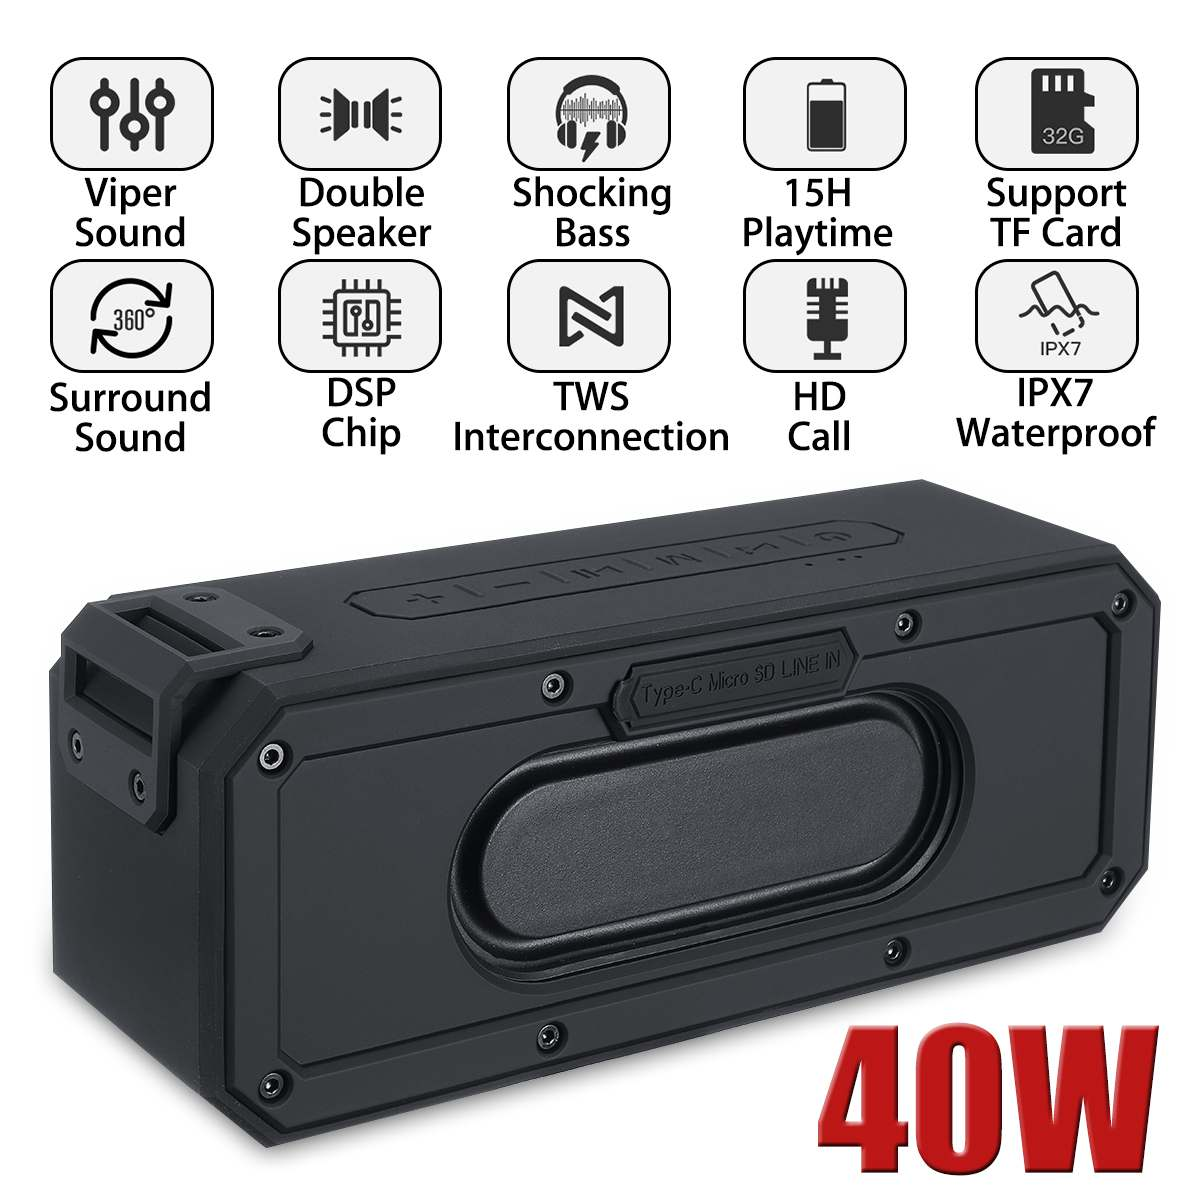 IPX7 40W bluetooth Speaker Coluna Speaker Portátil Boombox Subwoofer À Prova D' Água com 360 de Som Estéreo Alto-falantes Ao Ar Livre